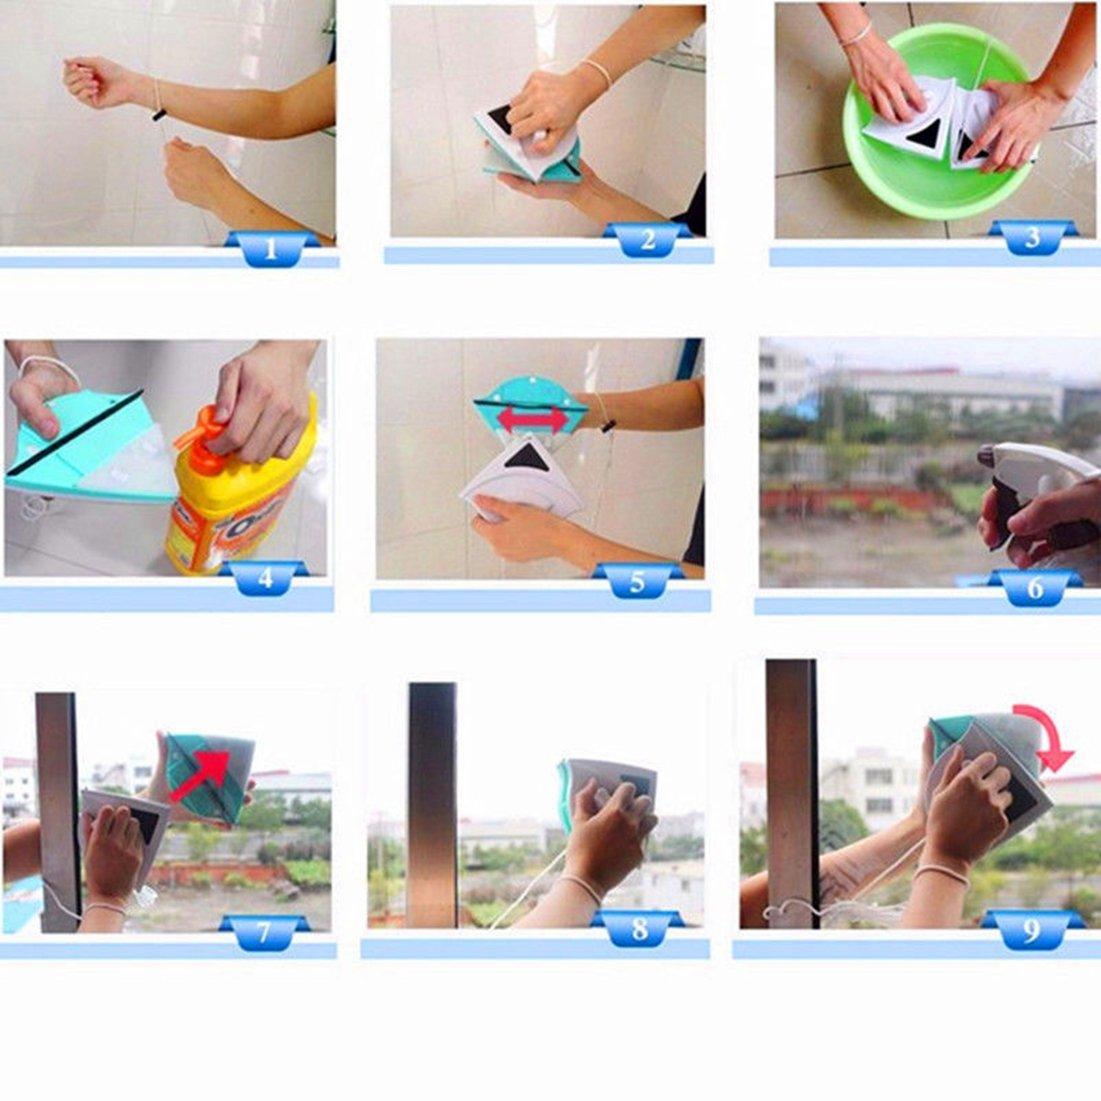 rurah magnético doble cara ventana limpiaparabrisas limpiador de cristal azul para 3 - 8 mm: Amazon.es: Salud y cuidado personal